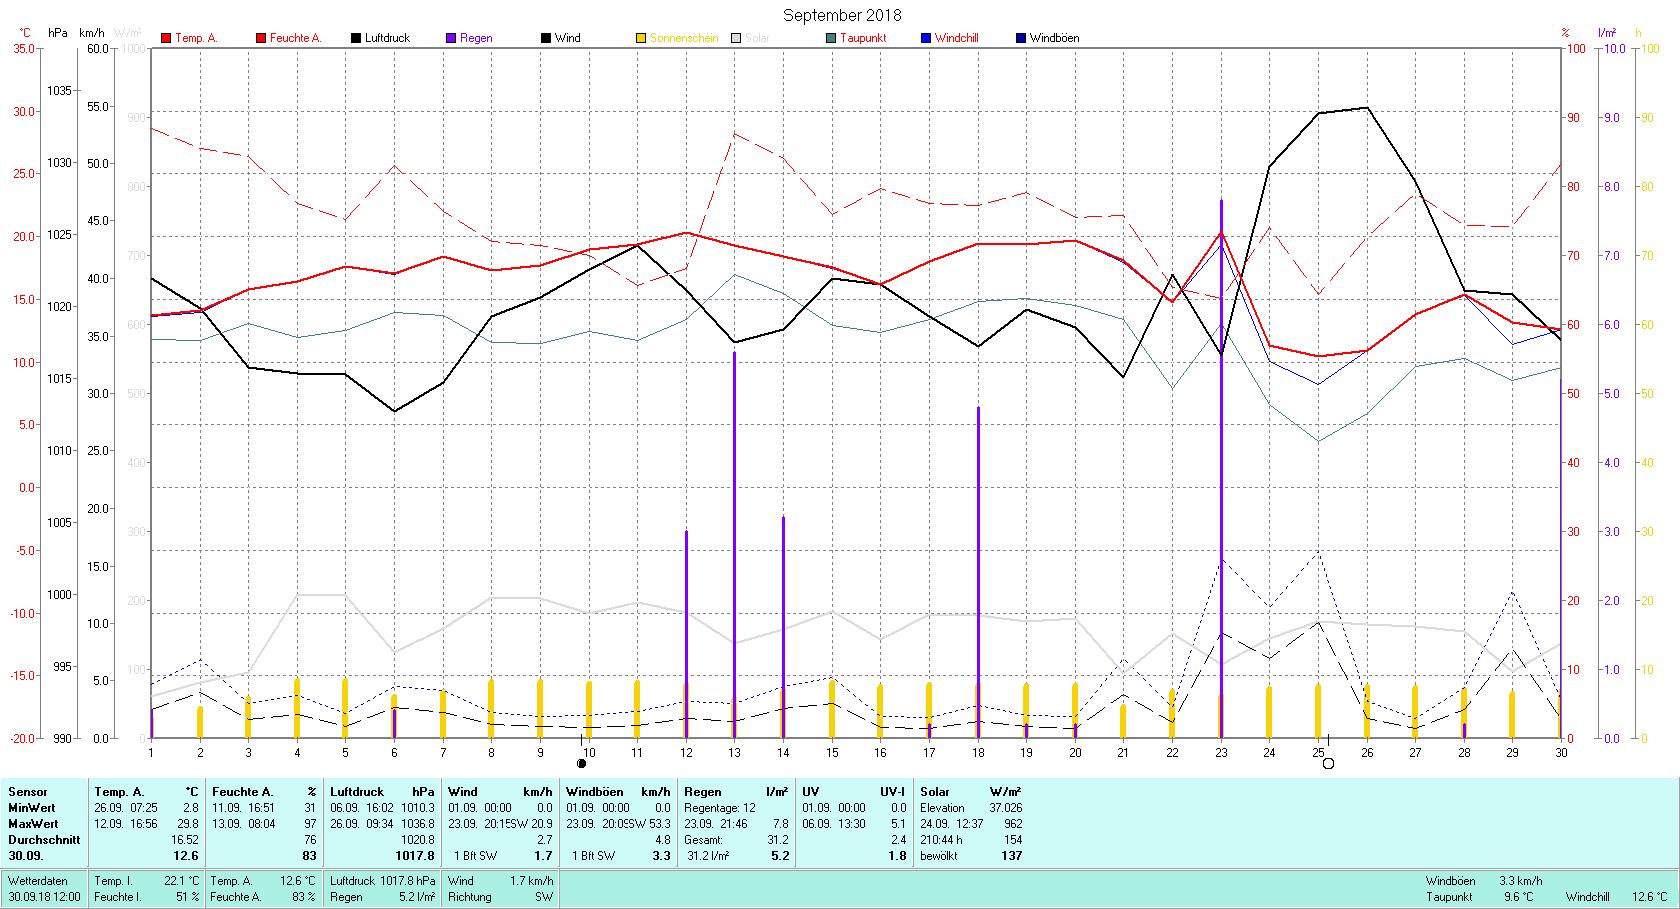 September 2018 Tmin 2.8°C, Tmax 29.8°C, Sonne 210:44 h, Niederschlag 31.2mm/2